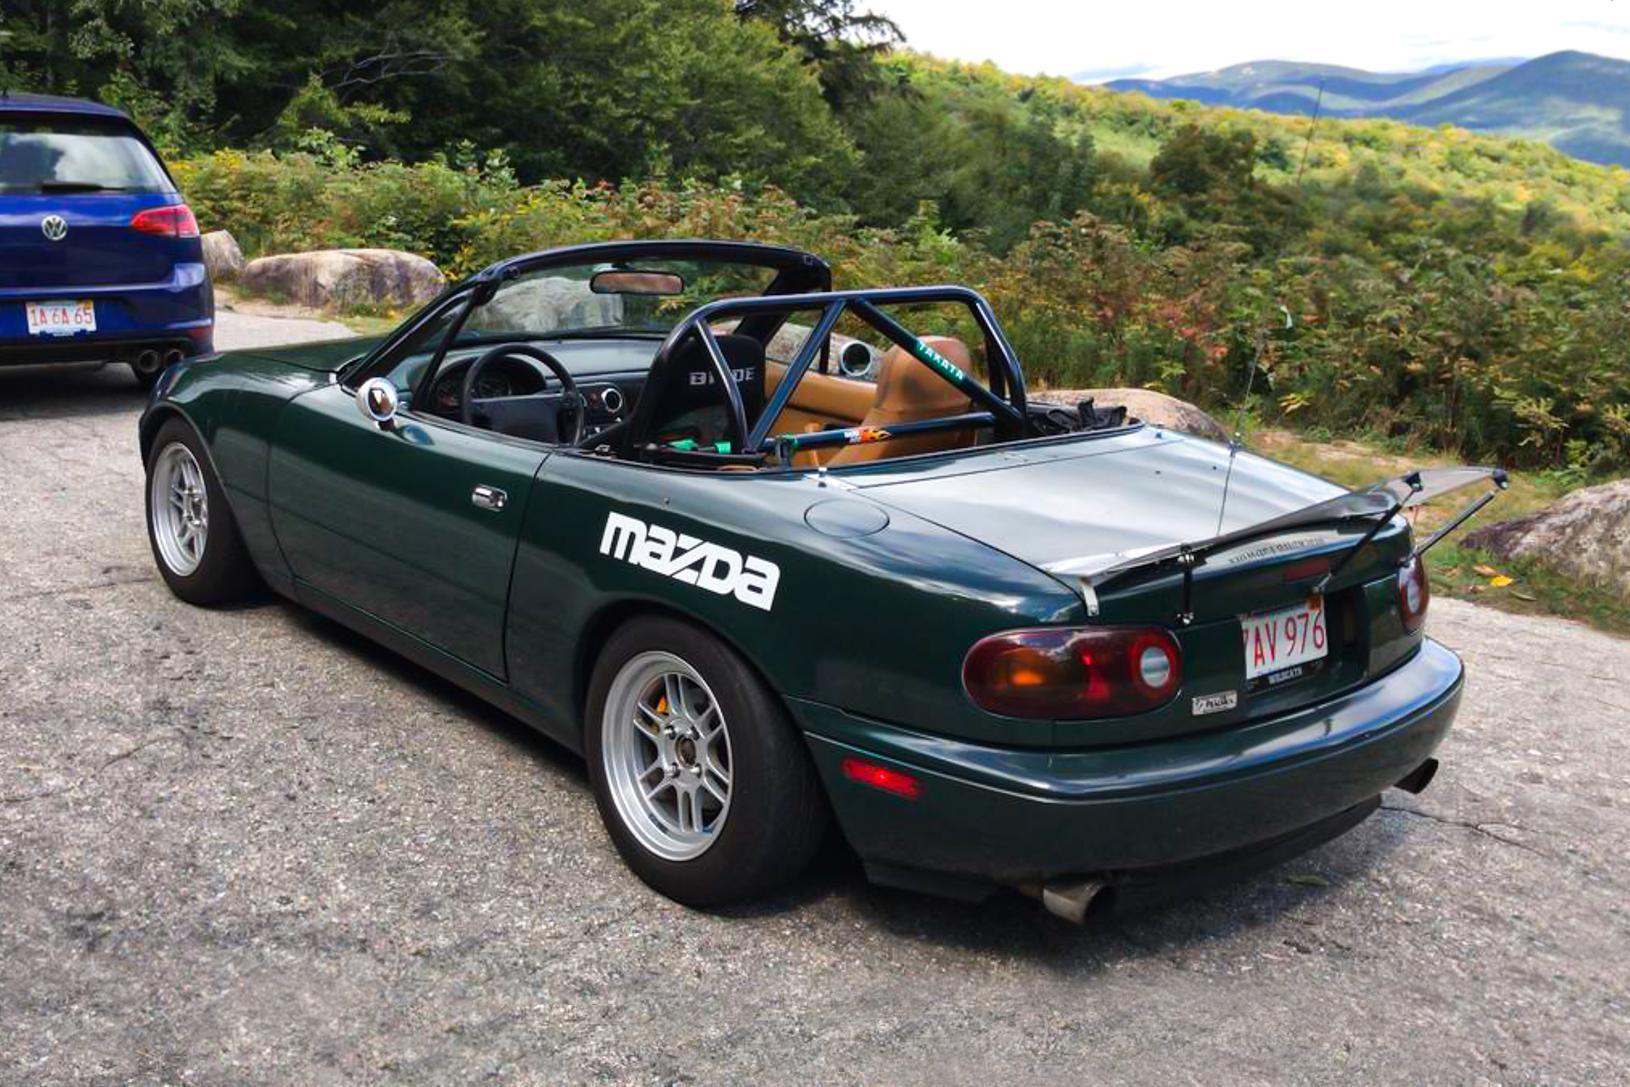 1991 Mazda MX-5 'Supercharged'